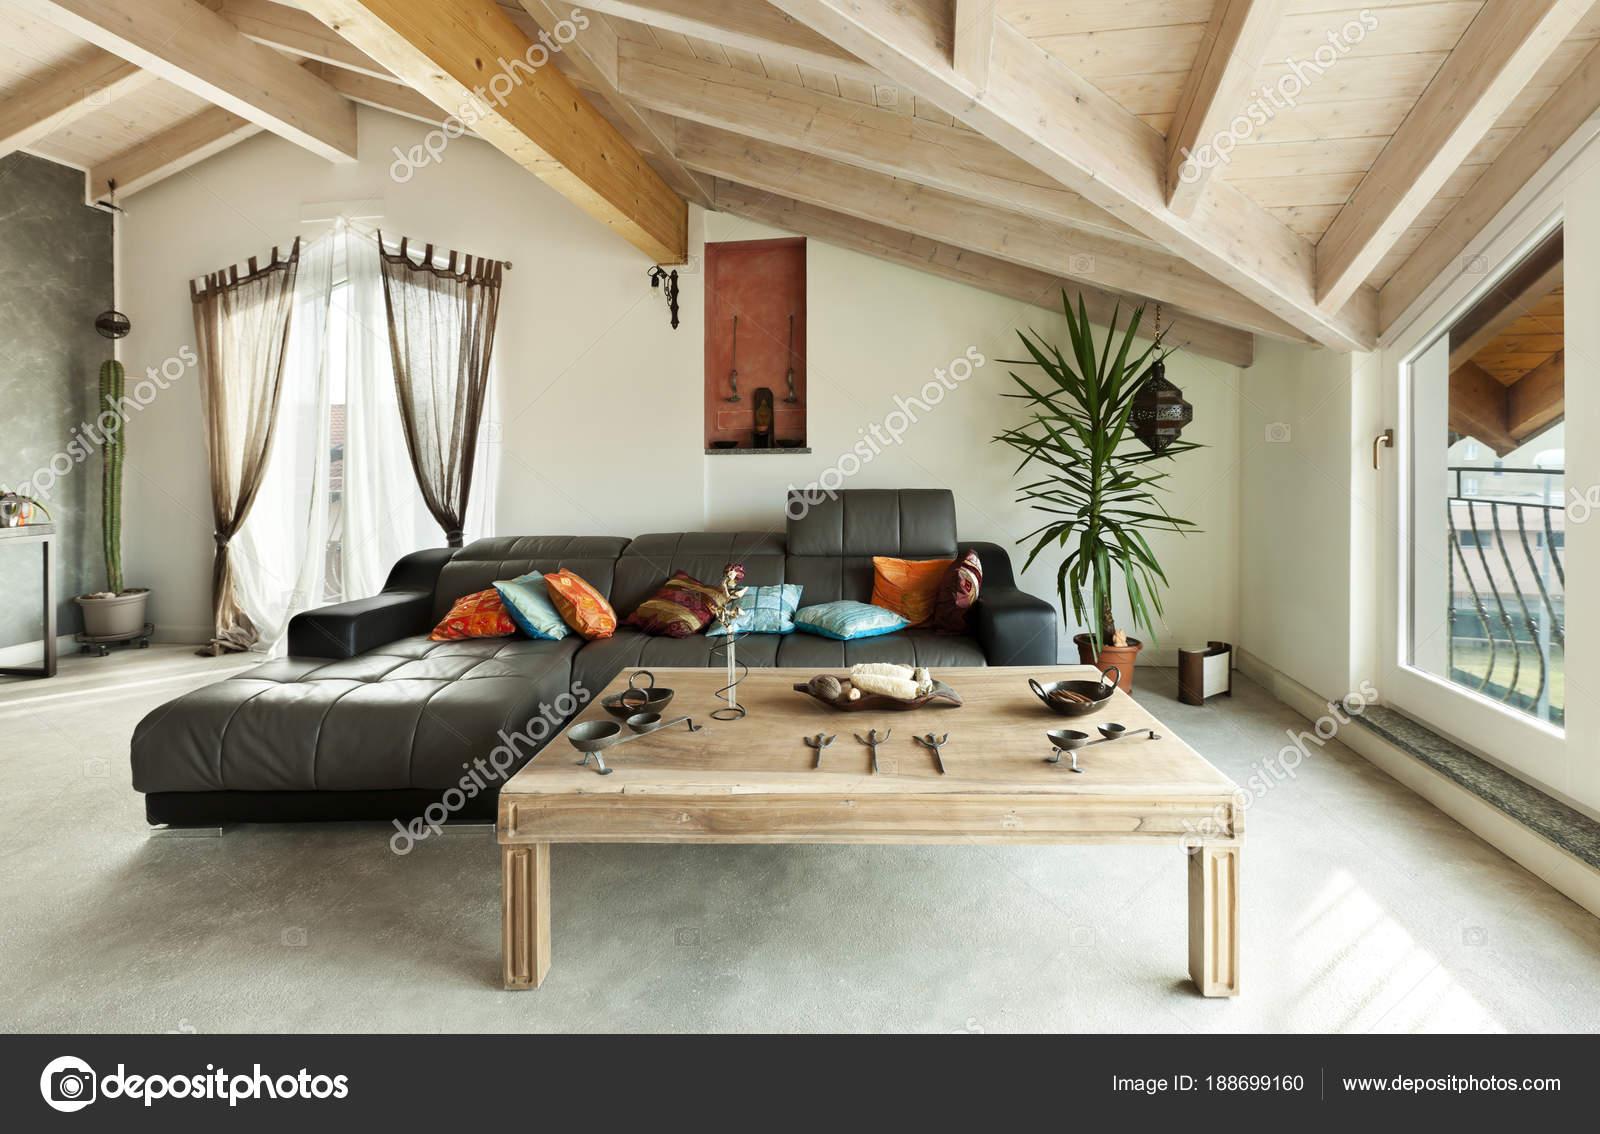 Innen Neue Loft Ethnische Mobel Wohnzimmer Stockfoto C Zveiger